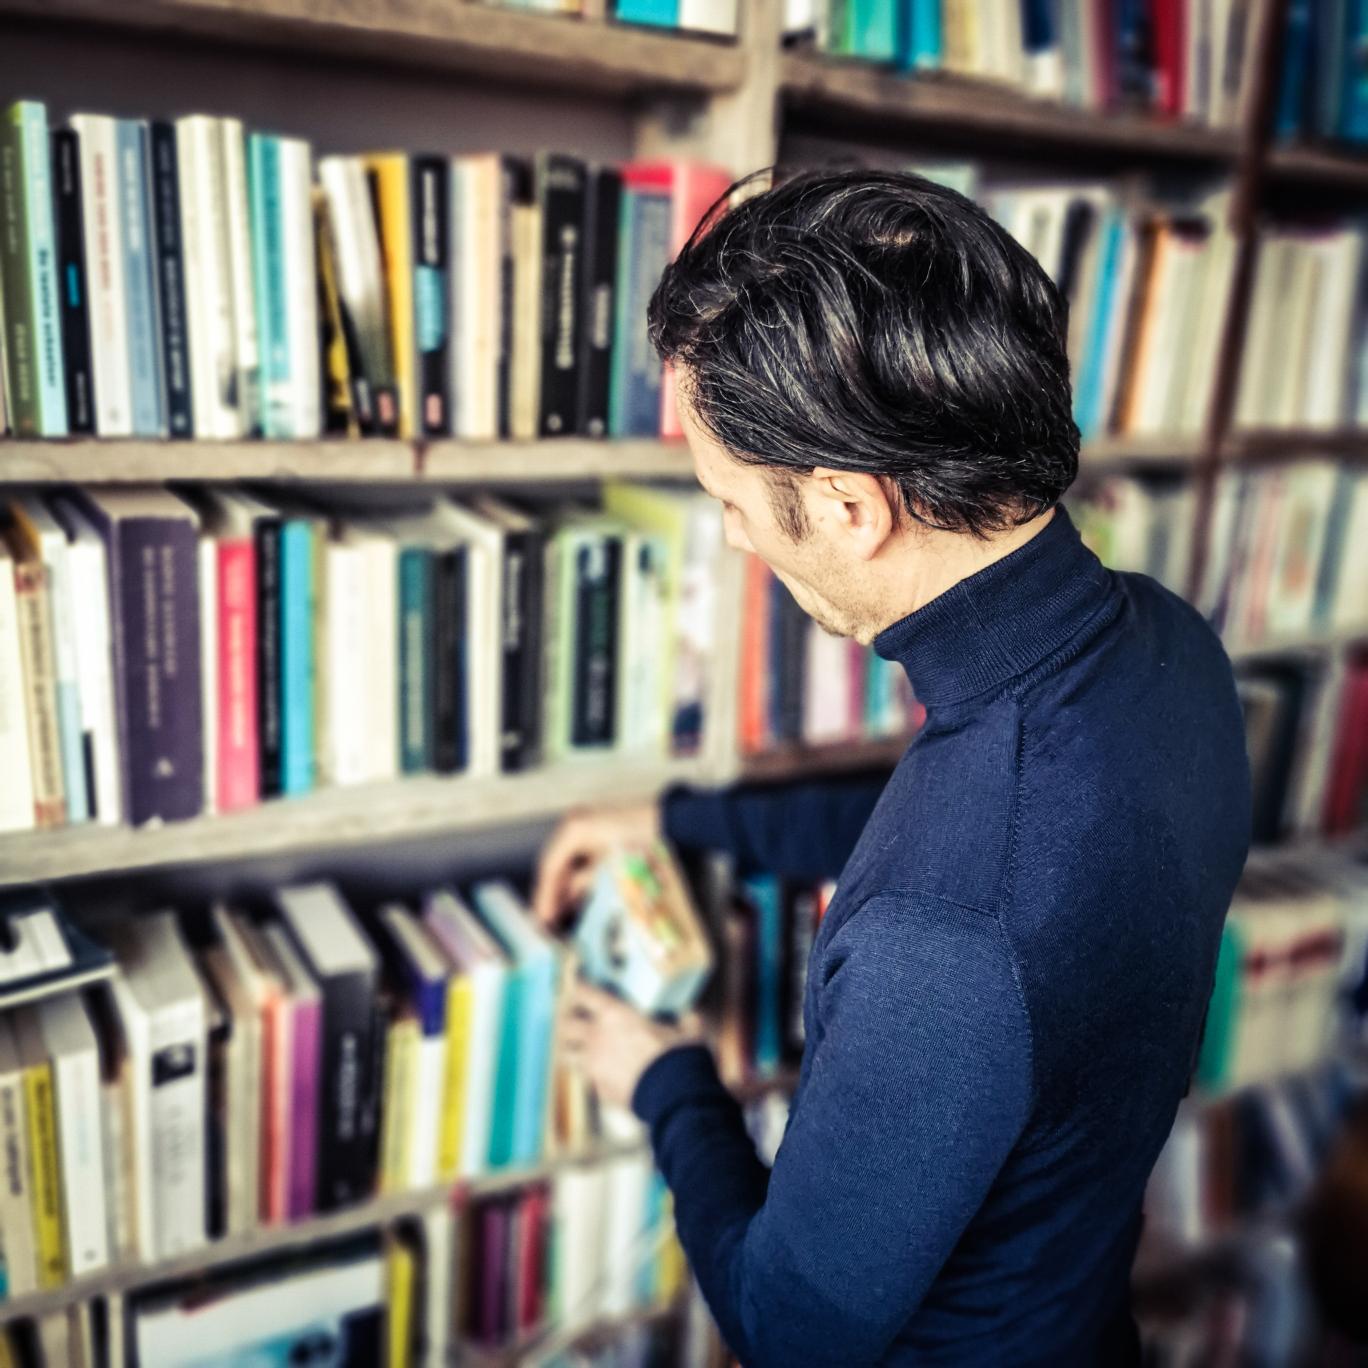 De onmogelijkheid van een opgeruimde boekenkast